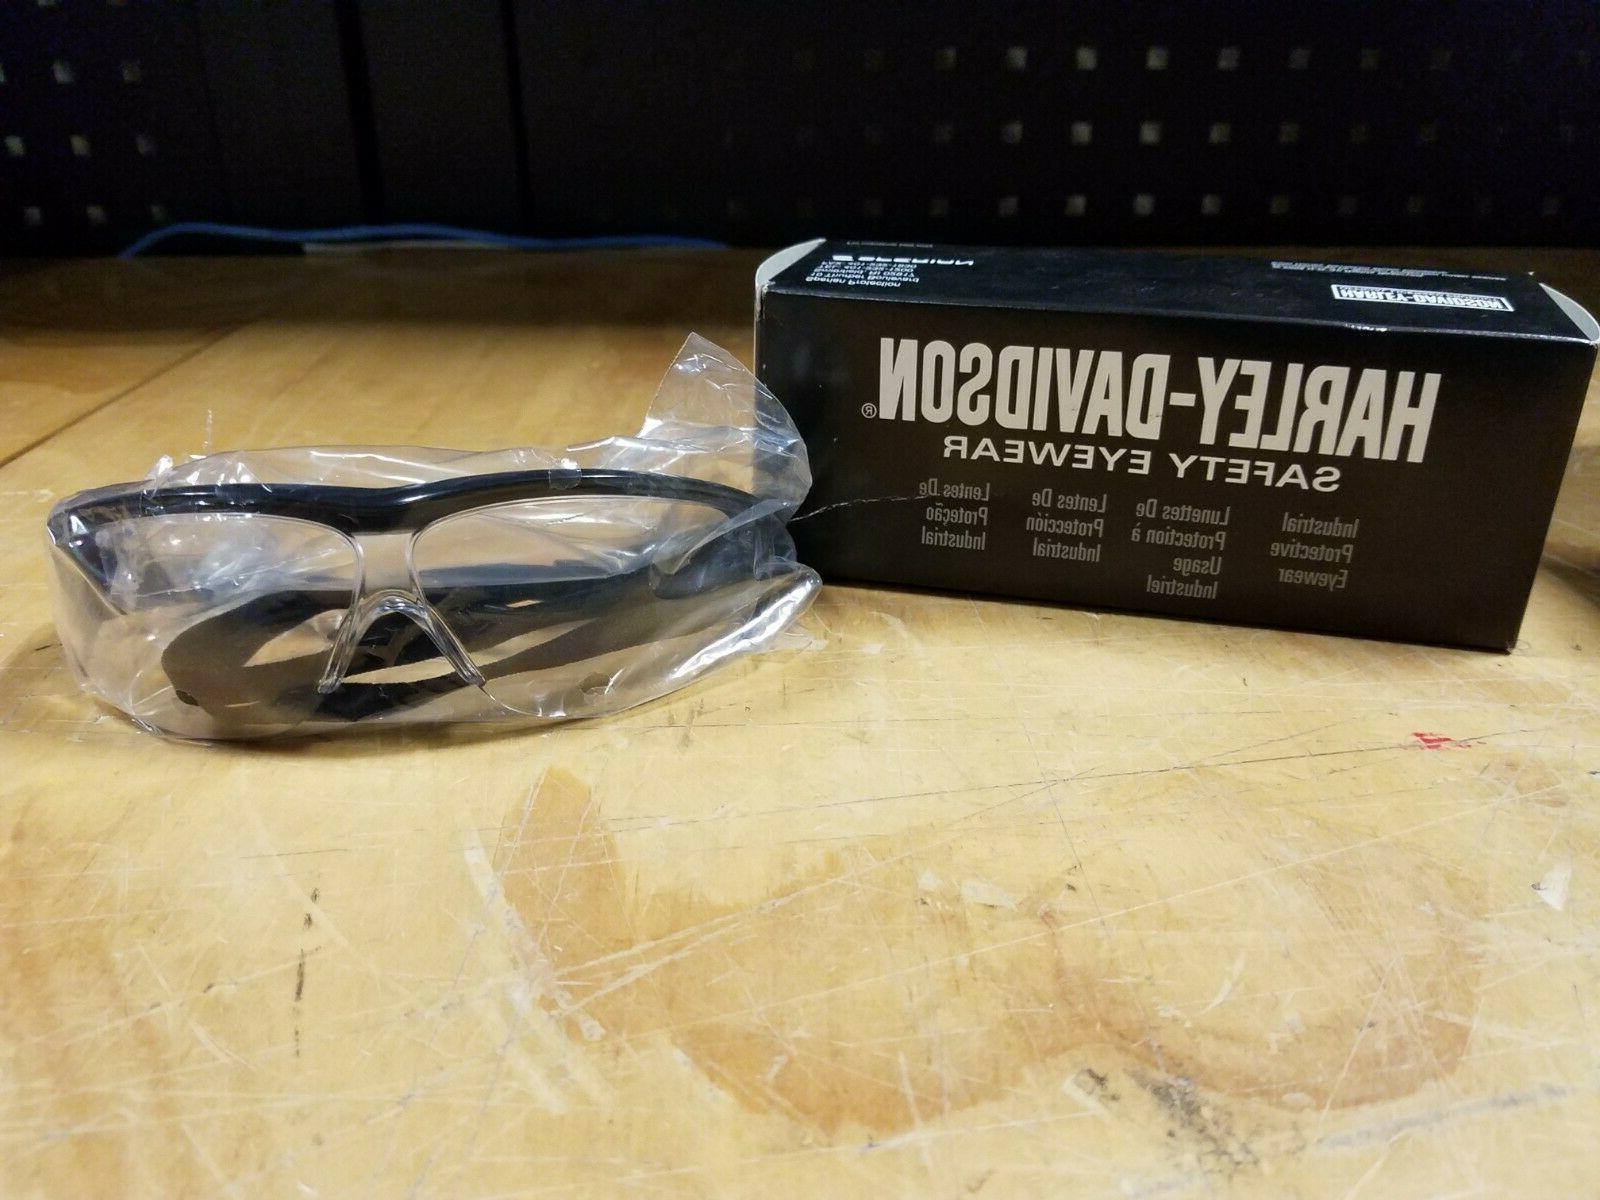 Harley Davidson Lens Scratch-Resistant Glasses - NEW